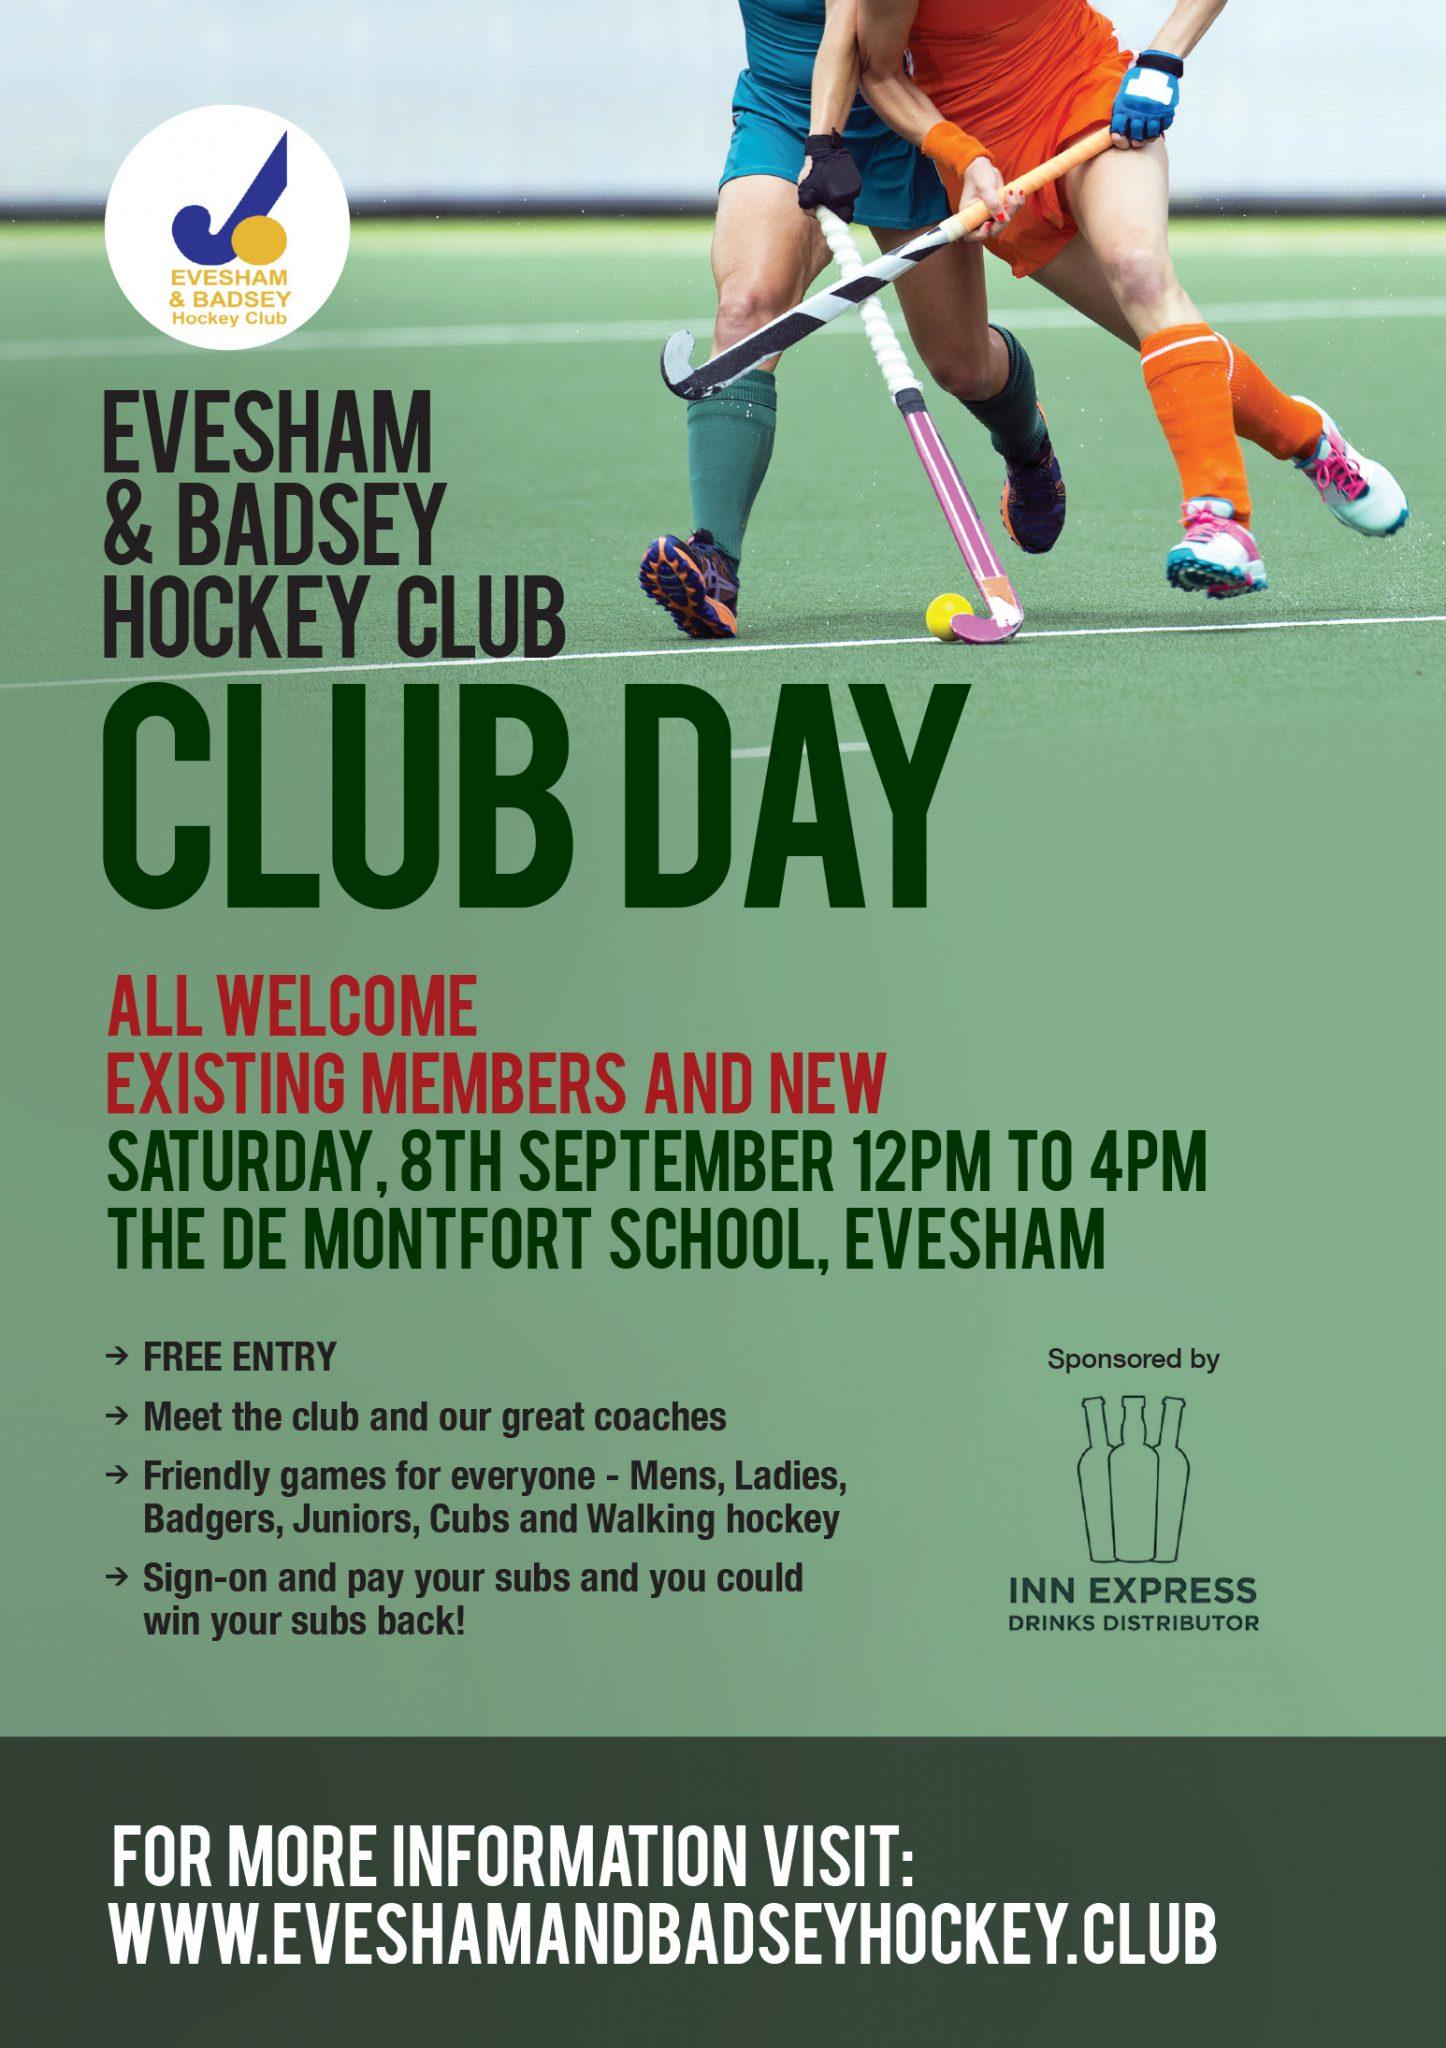 Evesham & Badsey Hockey Club Club Day 2018